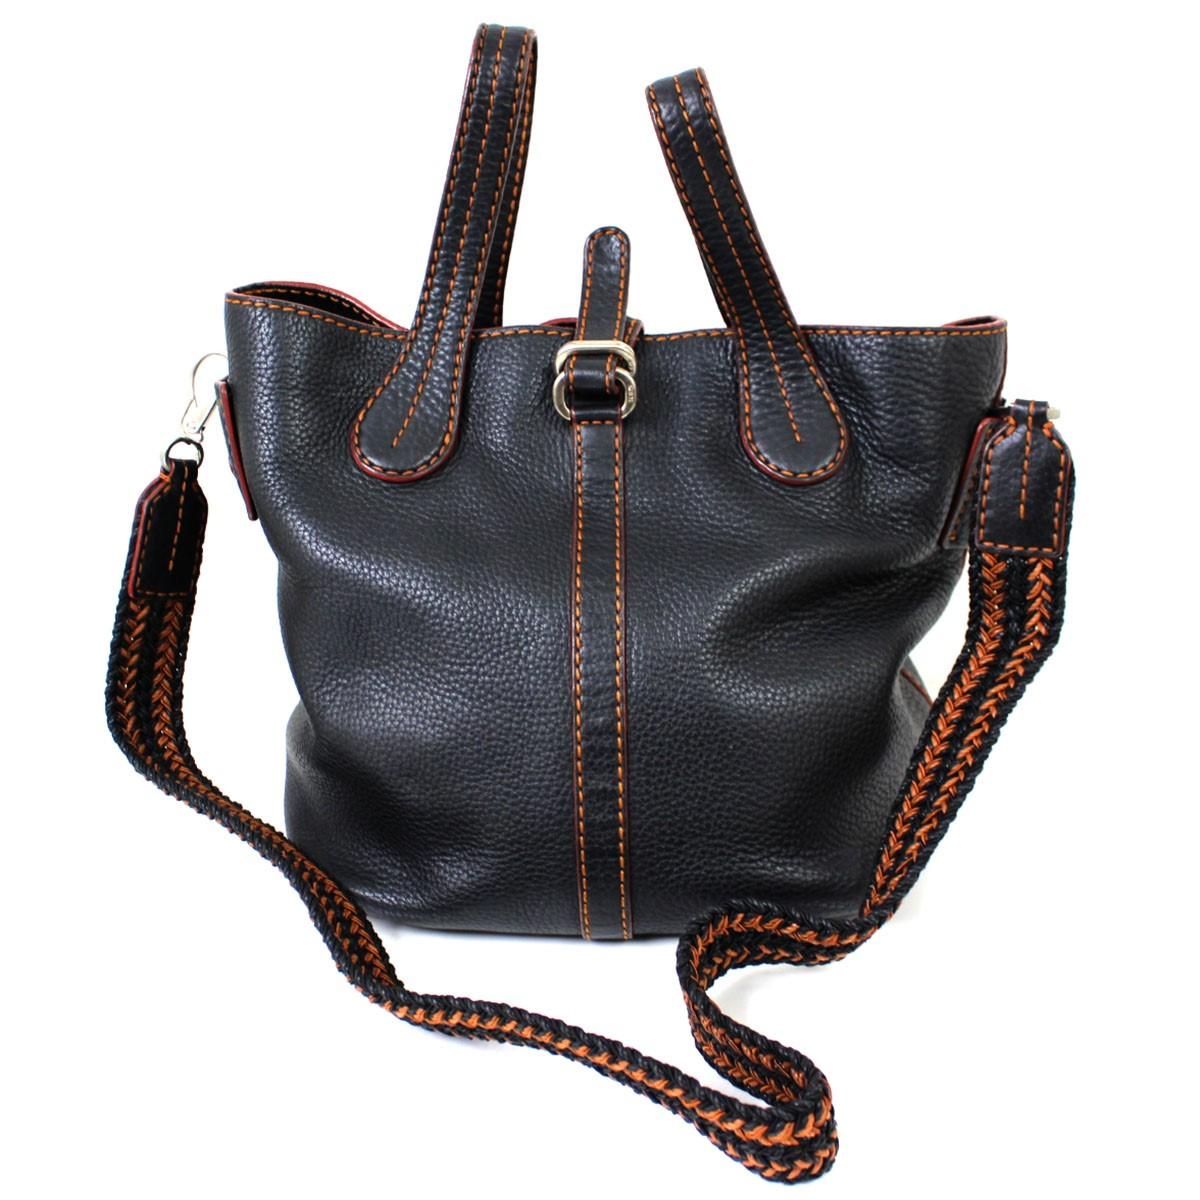 【中古】TODS 2WAY レザーバッグ かばん ブラック サイズ:- 【送料無料】 【080219】(トッズ)